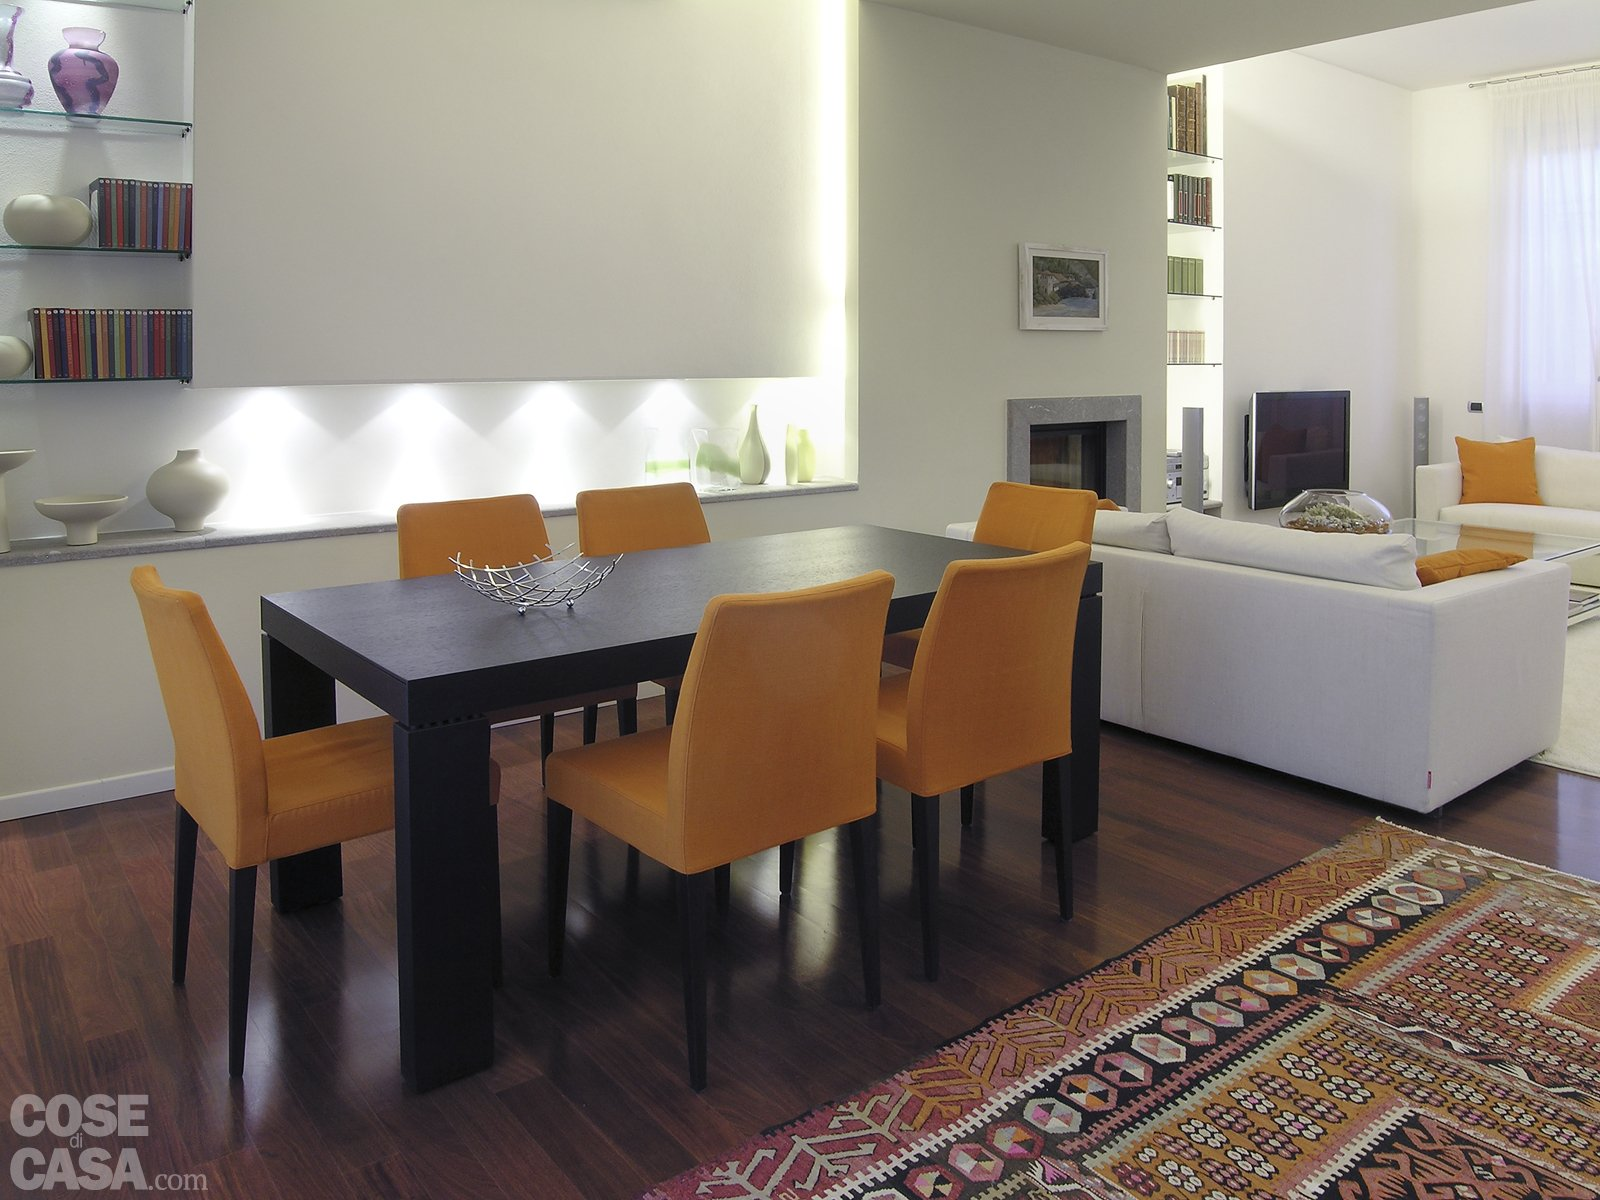 Una casa con tante idee da copiare cose di casa - Levigare il parquet senza togliere i mobili ...